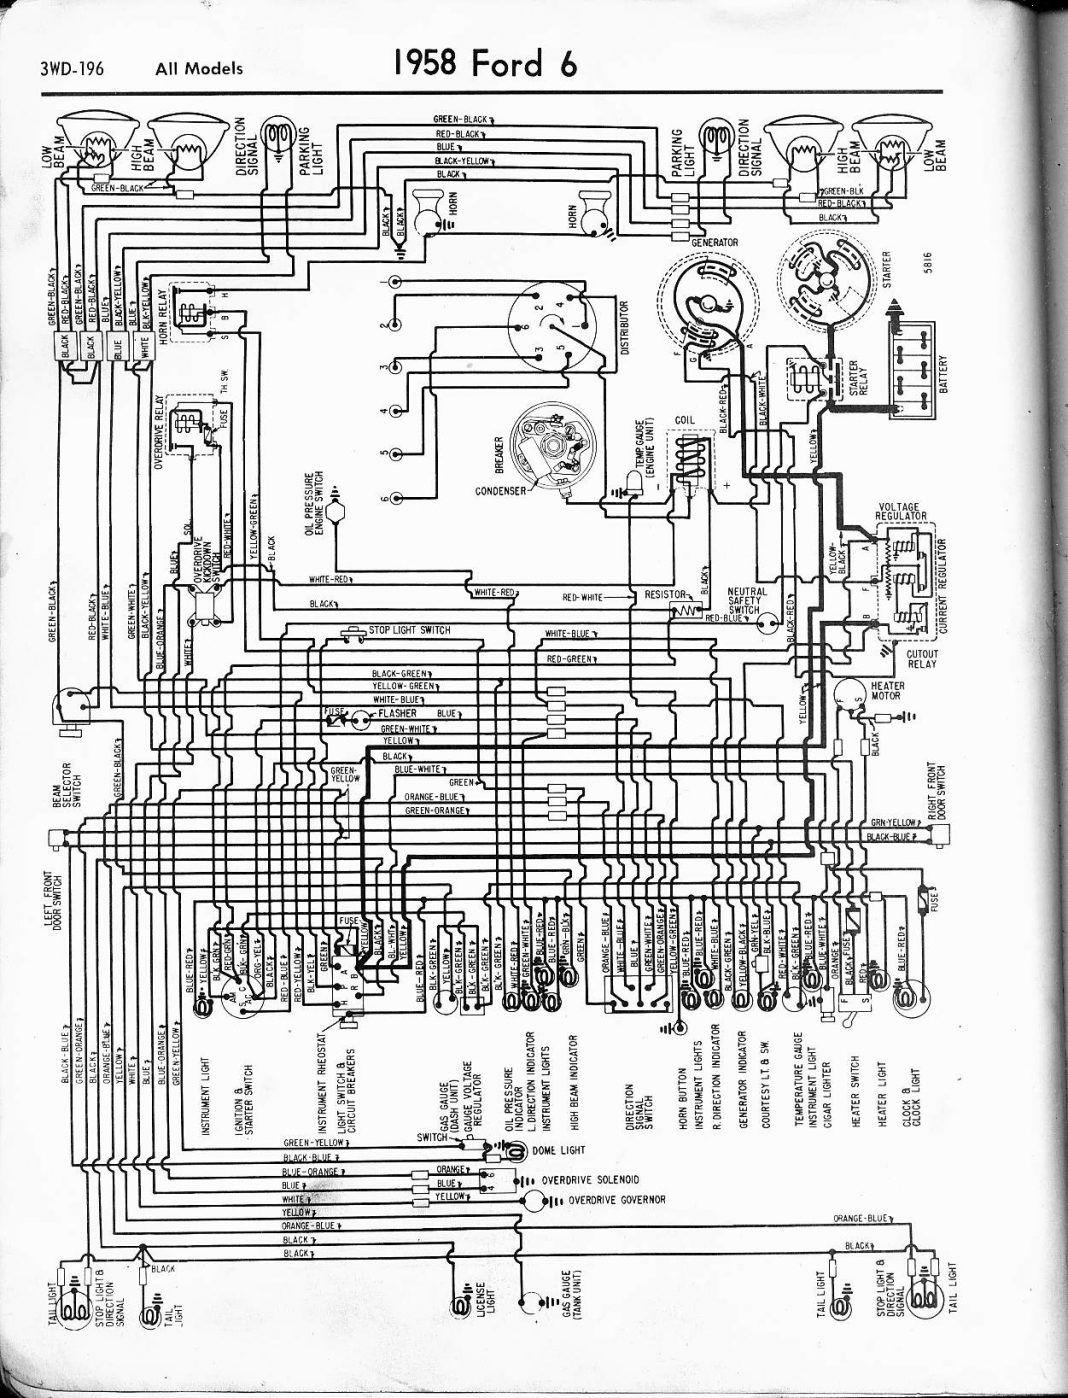 21 Best Sample Of Ford Wiring Diagrams Samples Bacamajalah In 2020 Diagram Diagram Design Trailer Wiring Diagram